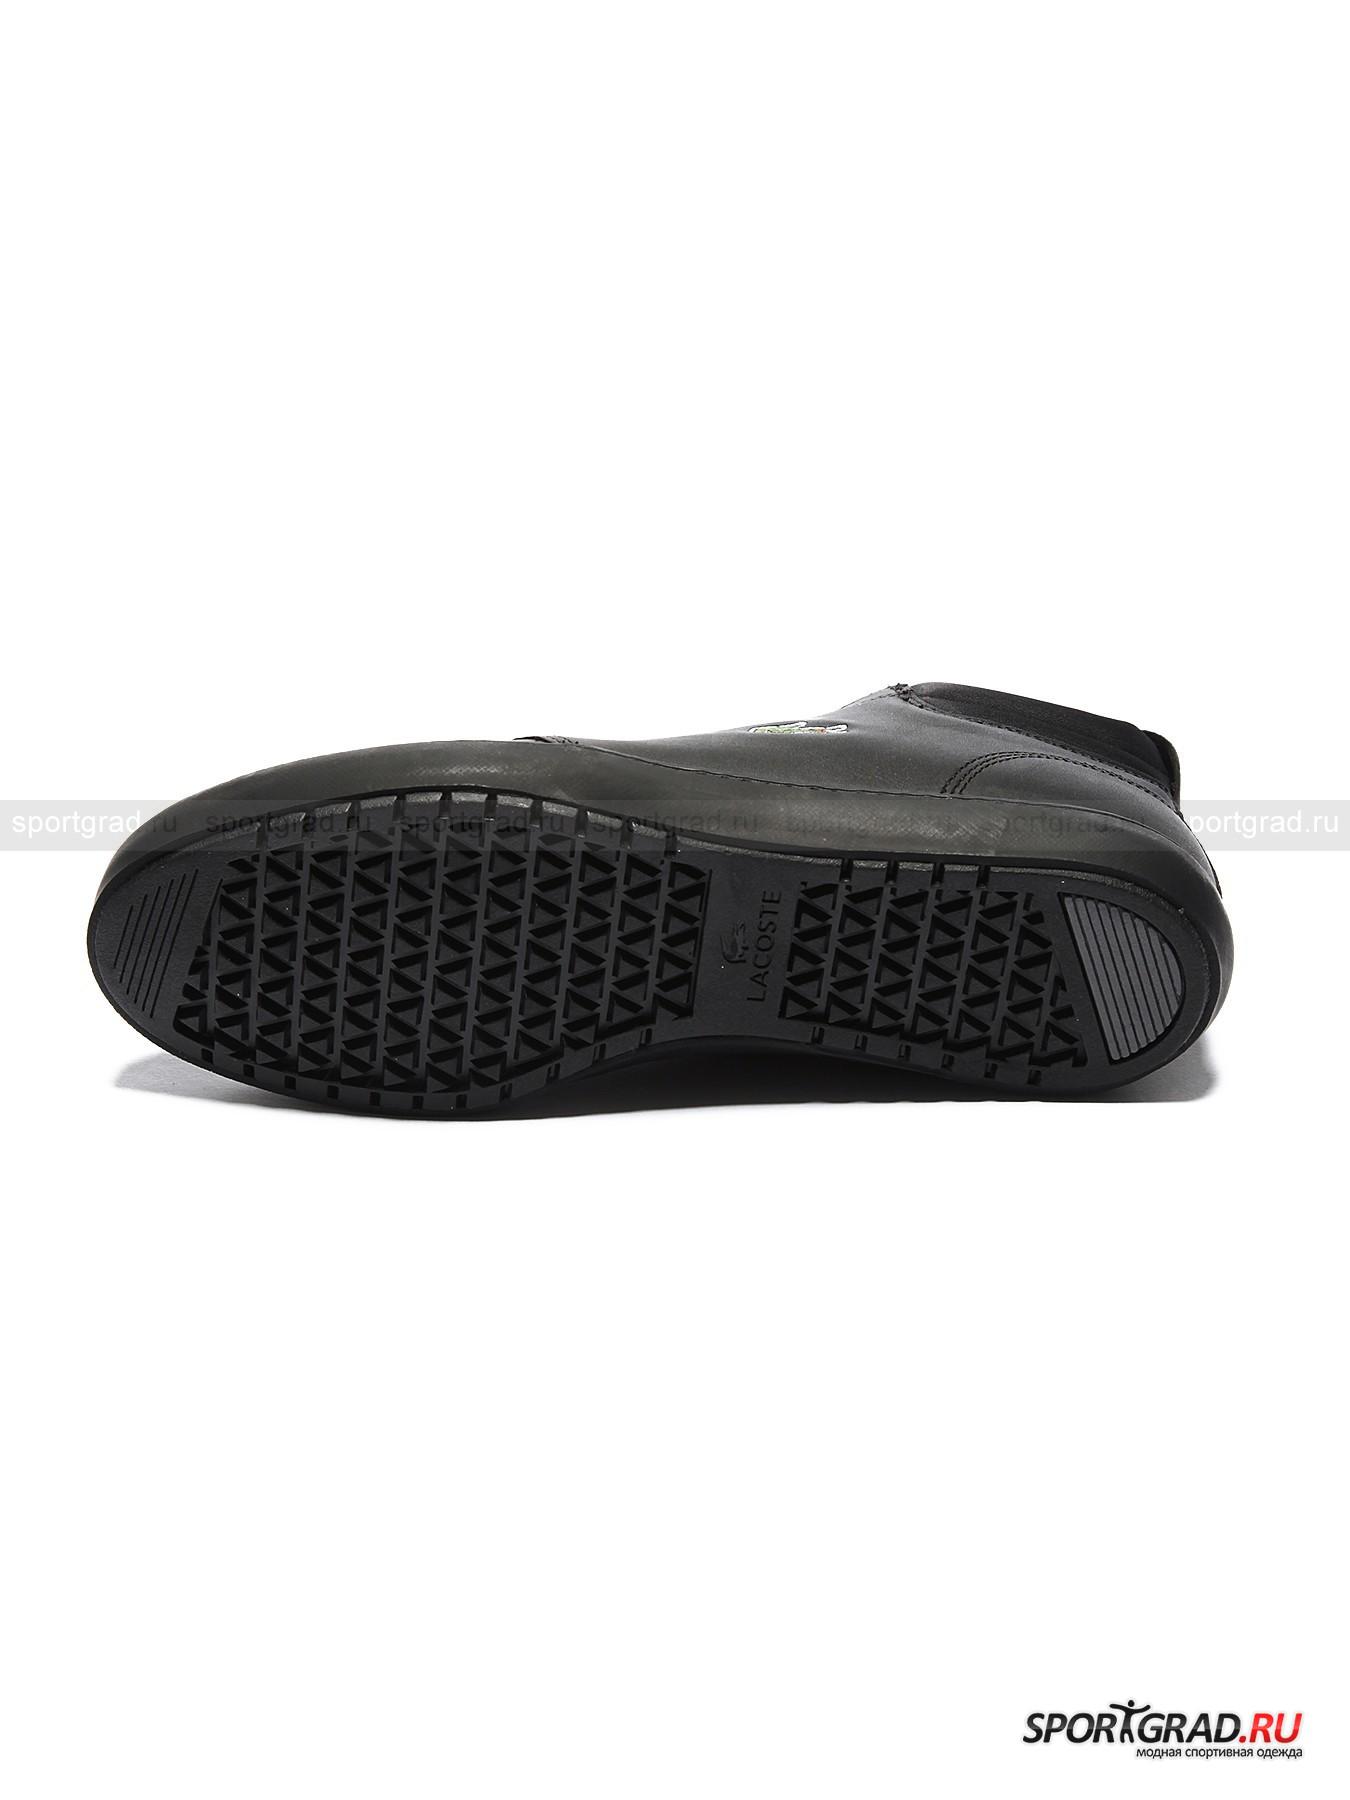 Ботинки мужские Ampthill Terra LACOSTE от Спортград